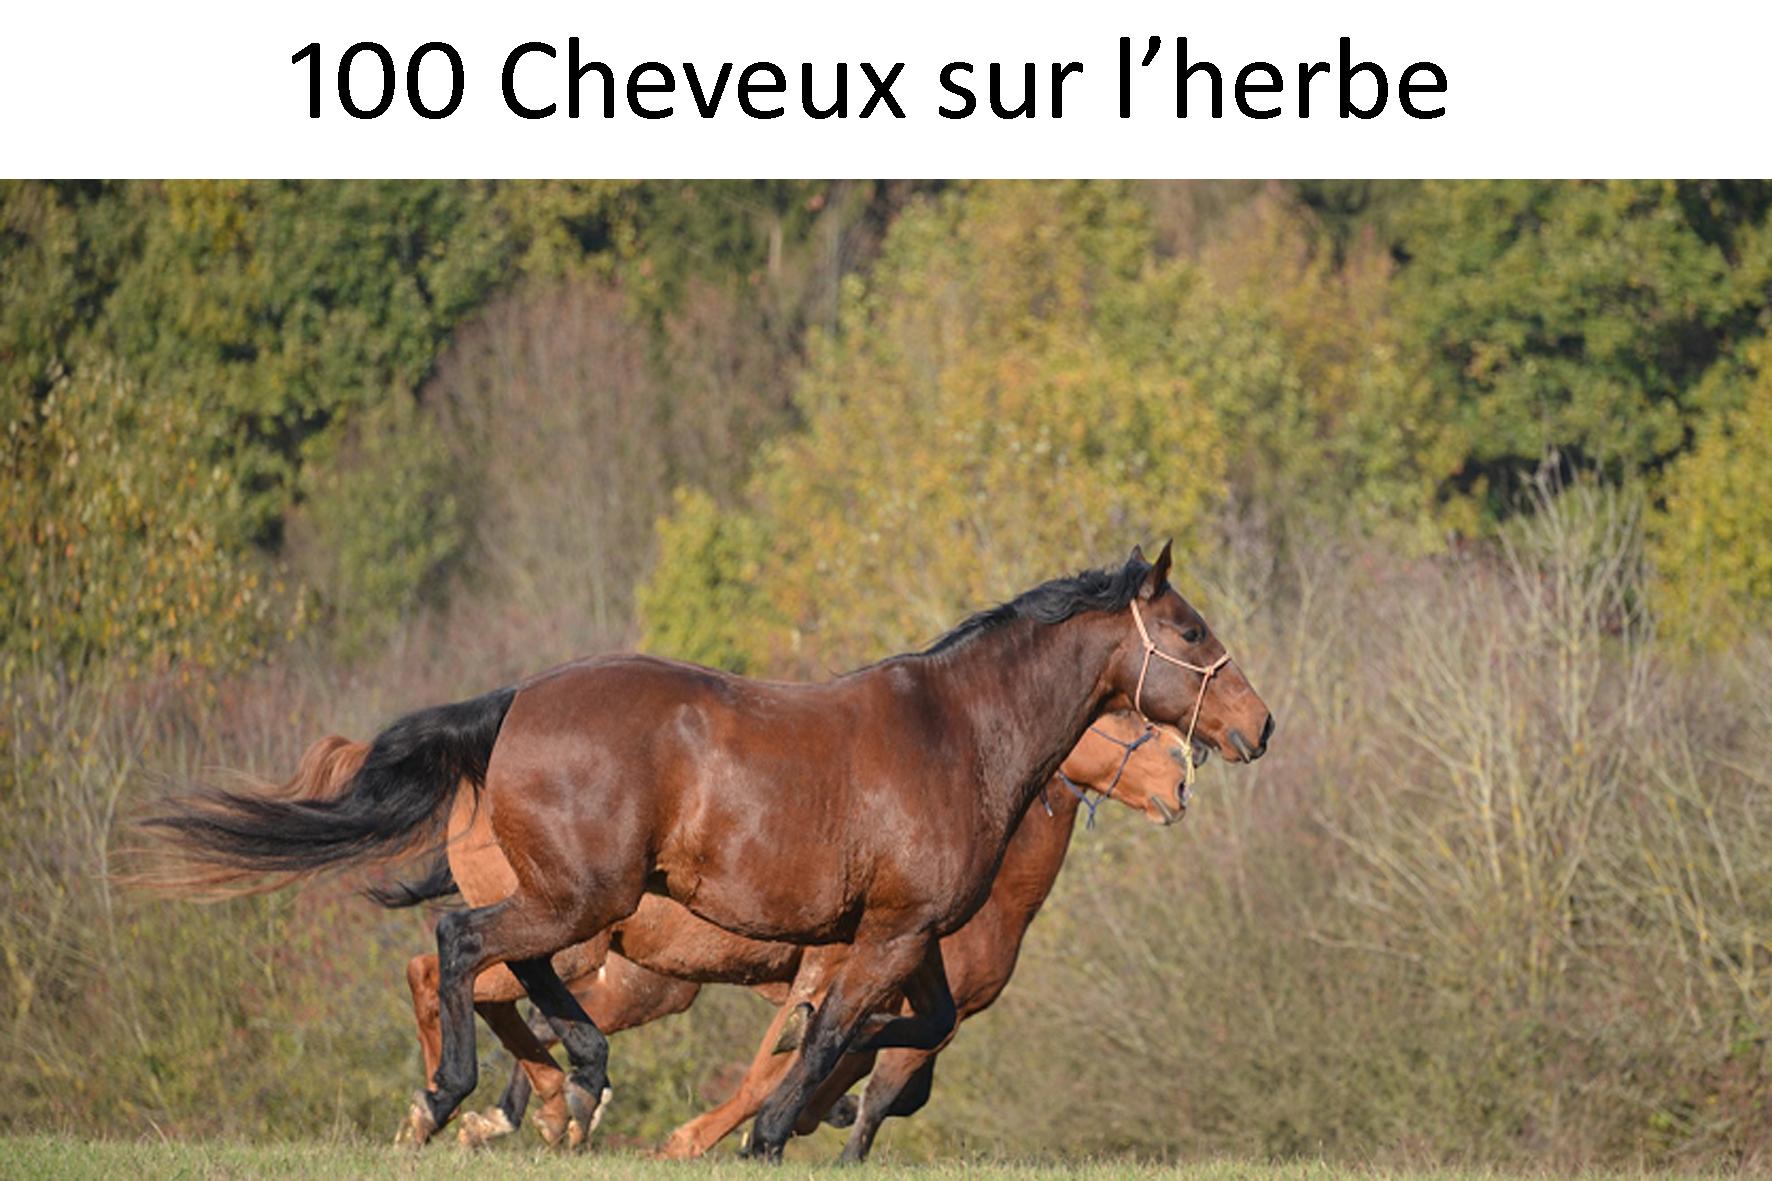 100 chevaux sur l'herbe